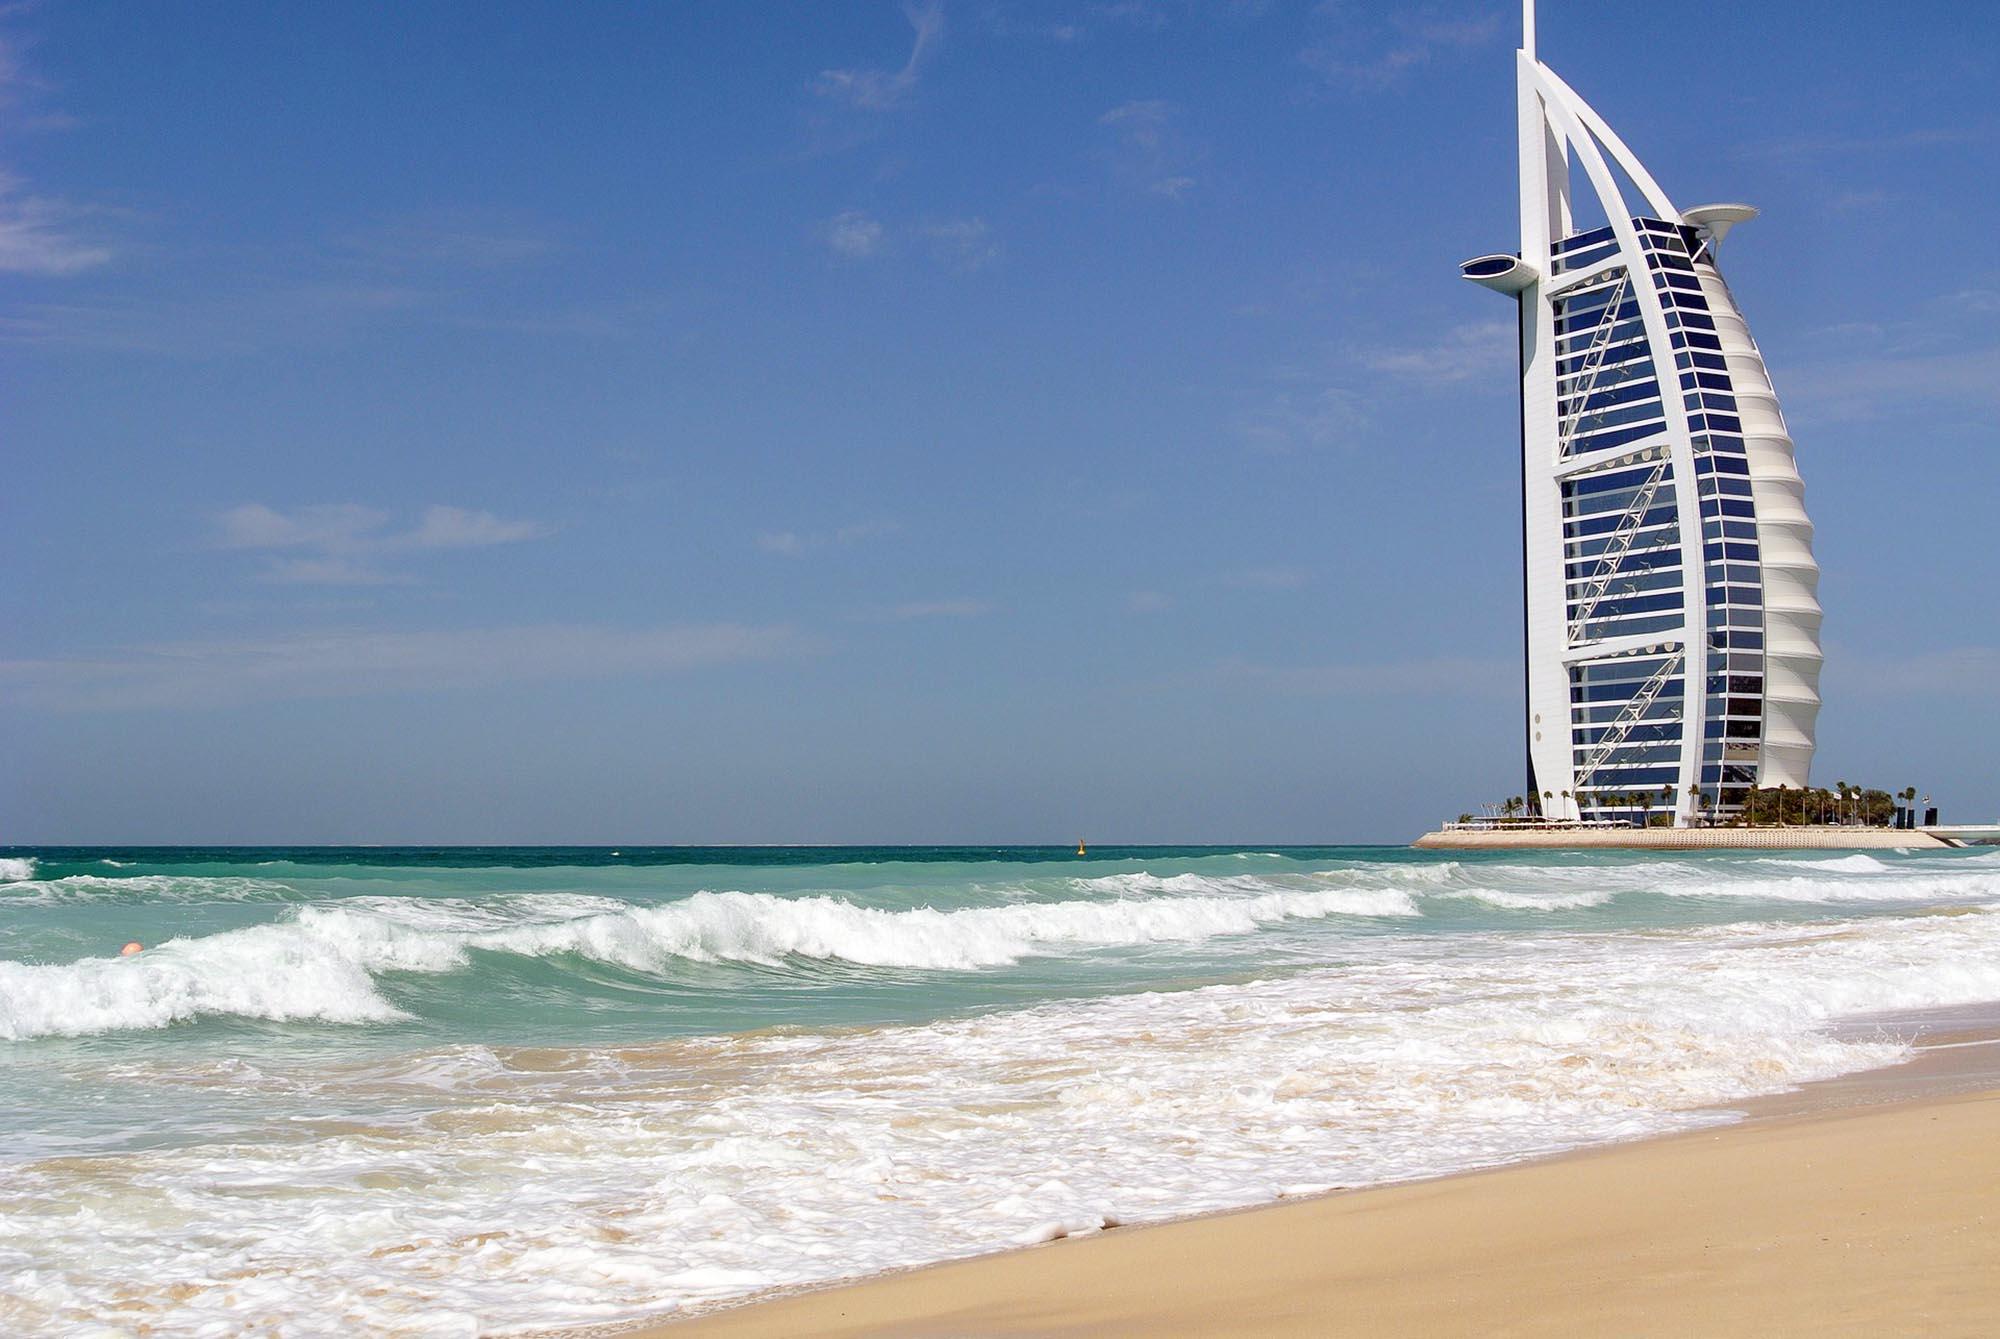 Strandvakanties naar het Midden-Oosten